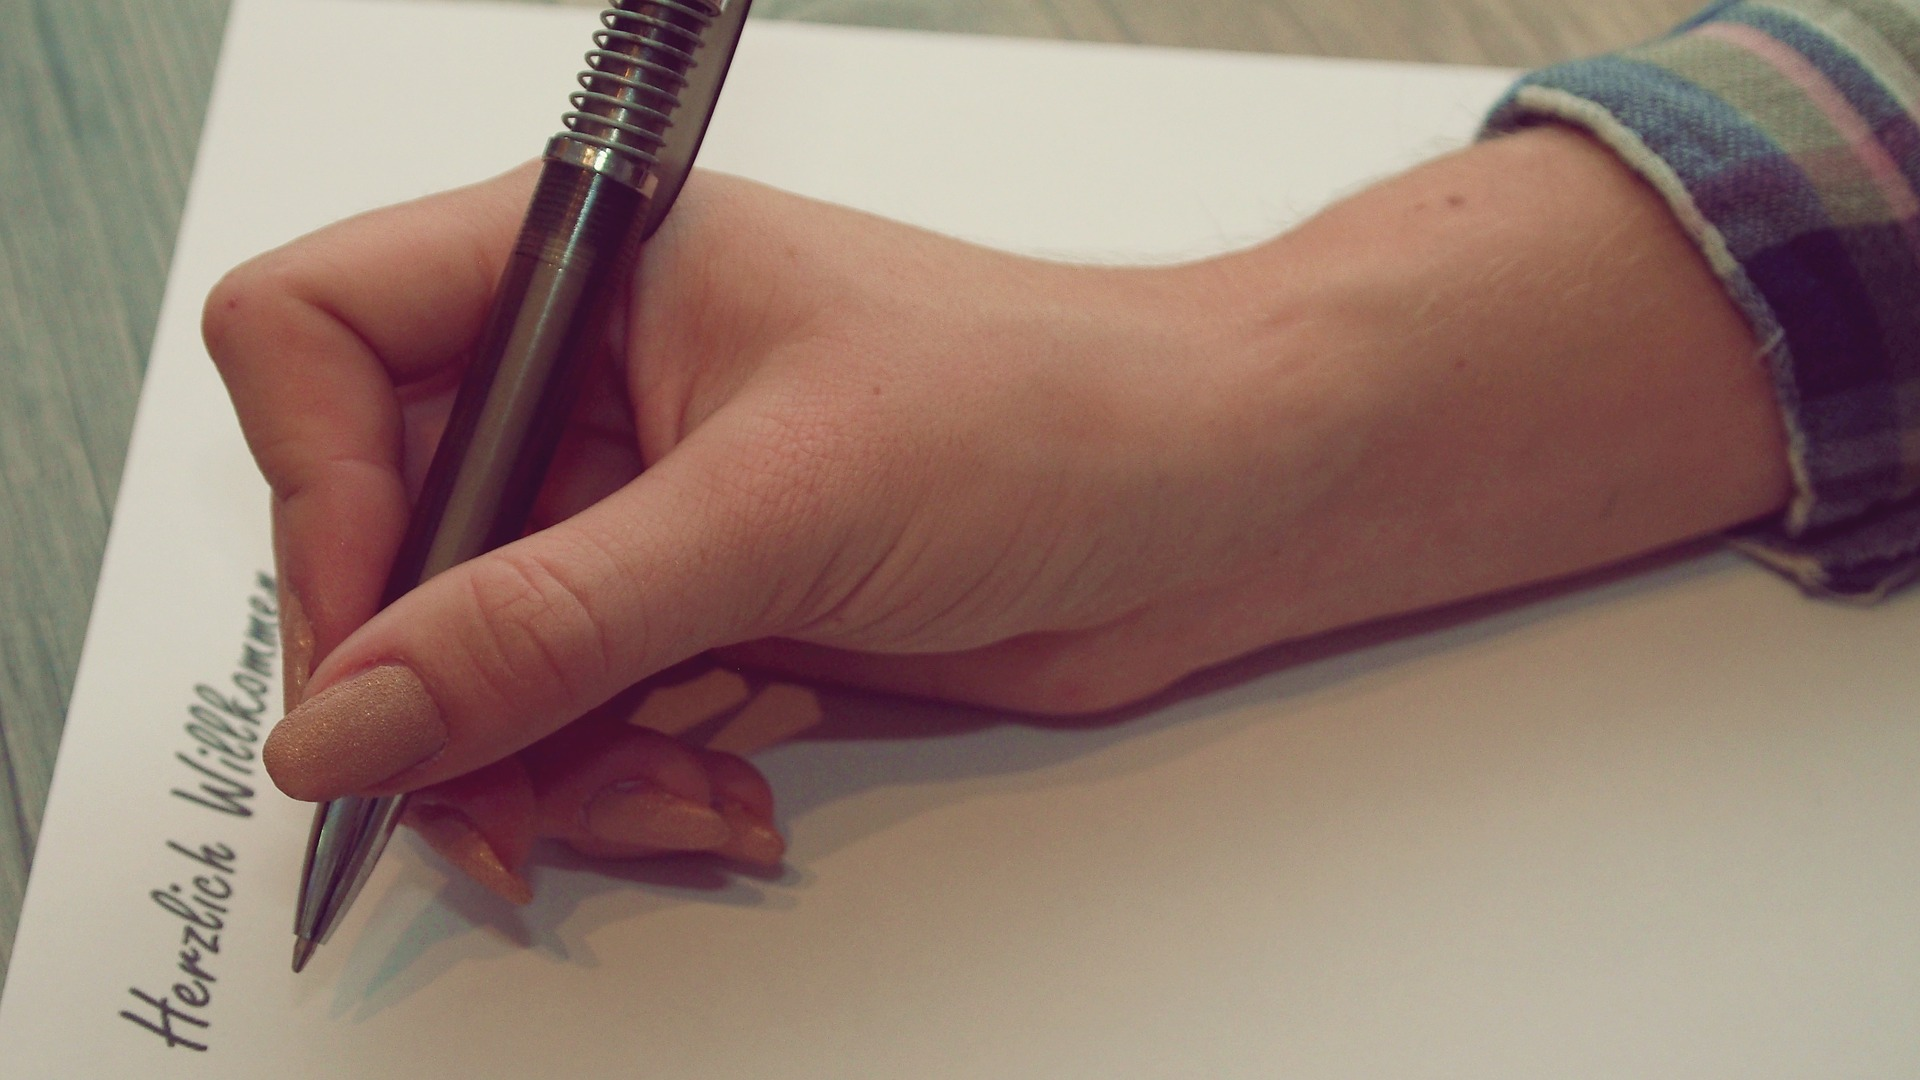 Ein natürlicher Schreibstil und ungestörter Lesefluss sind bei Online-Texten das A & O